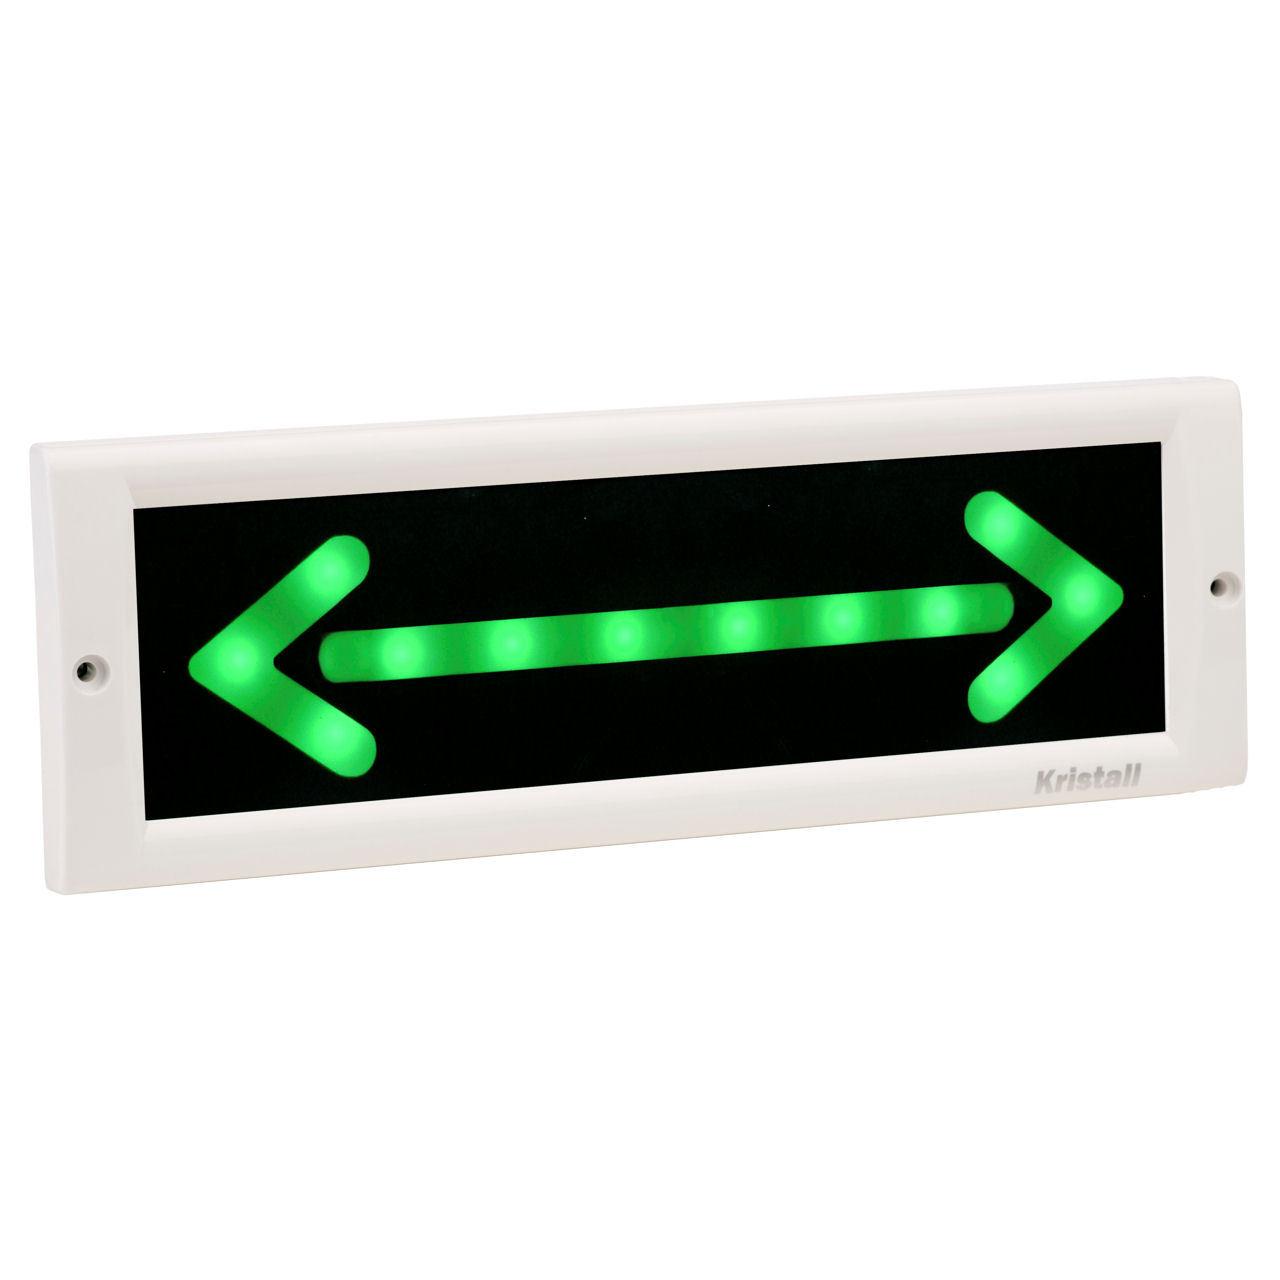 Динамическое световое табло стрелка КРИСТАЛЛ-12 ДИН1/ДИН2 и КРИСТАЛЛ-24 ДИН1/ДИН2